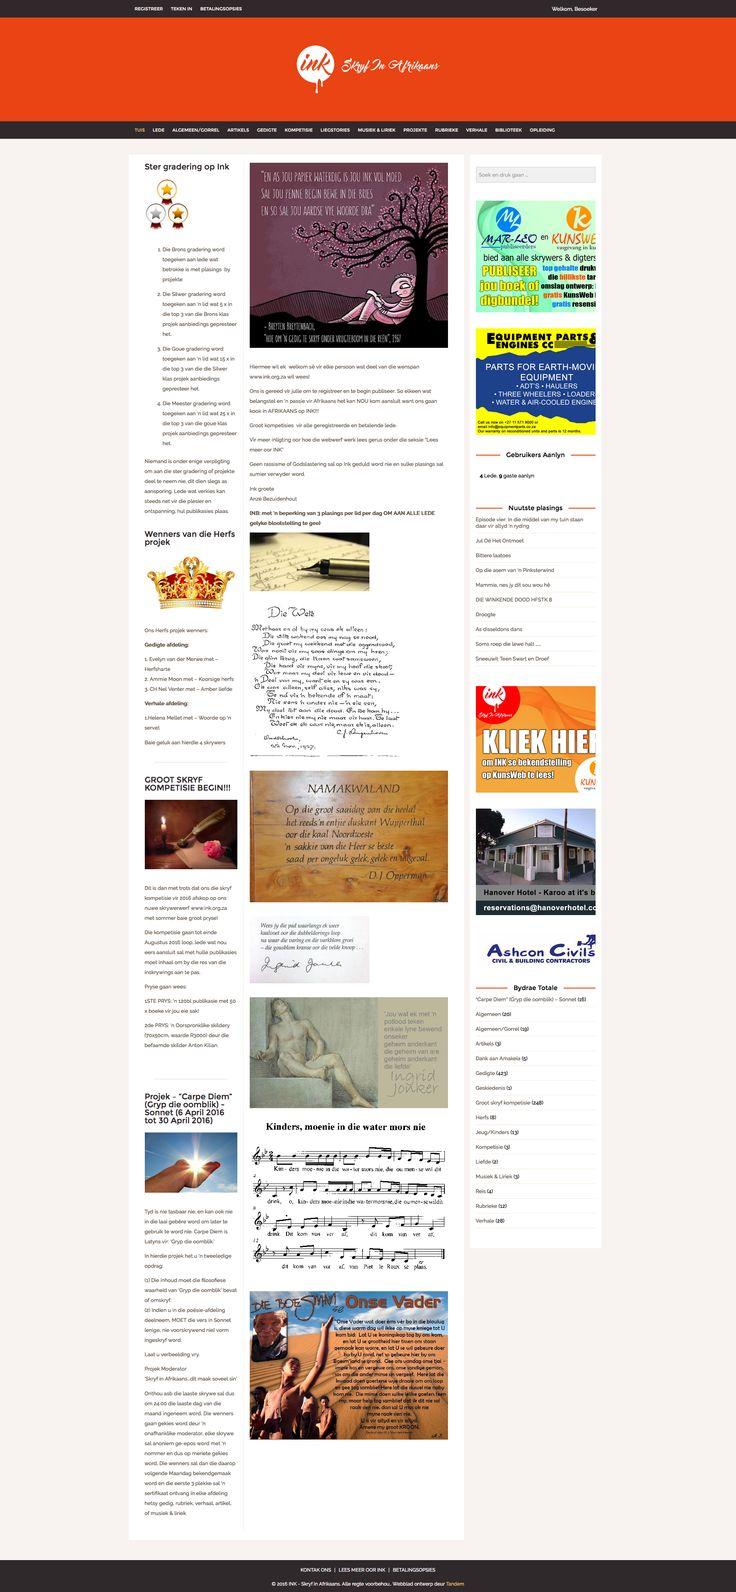 INK - Afrikaans Writers Website